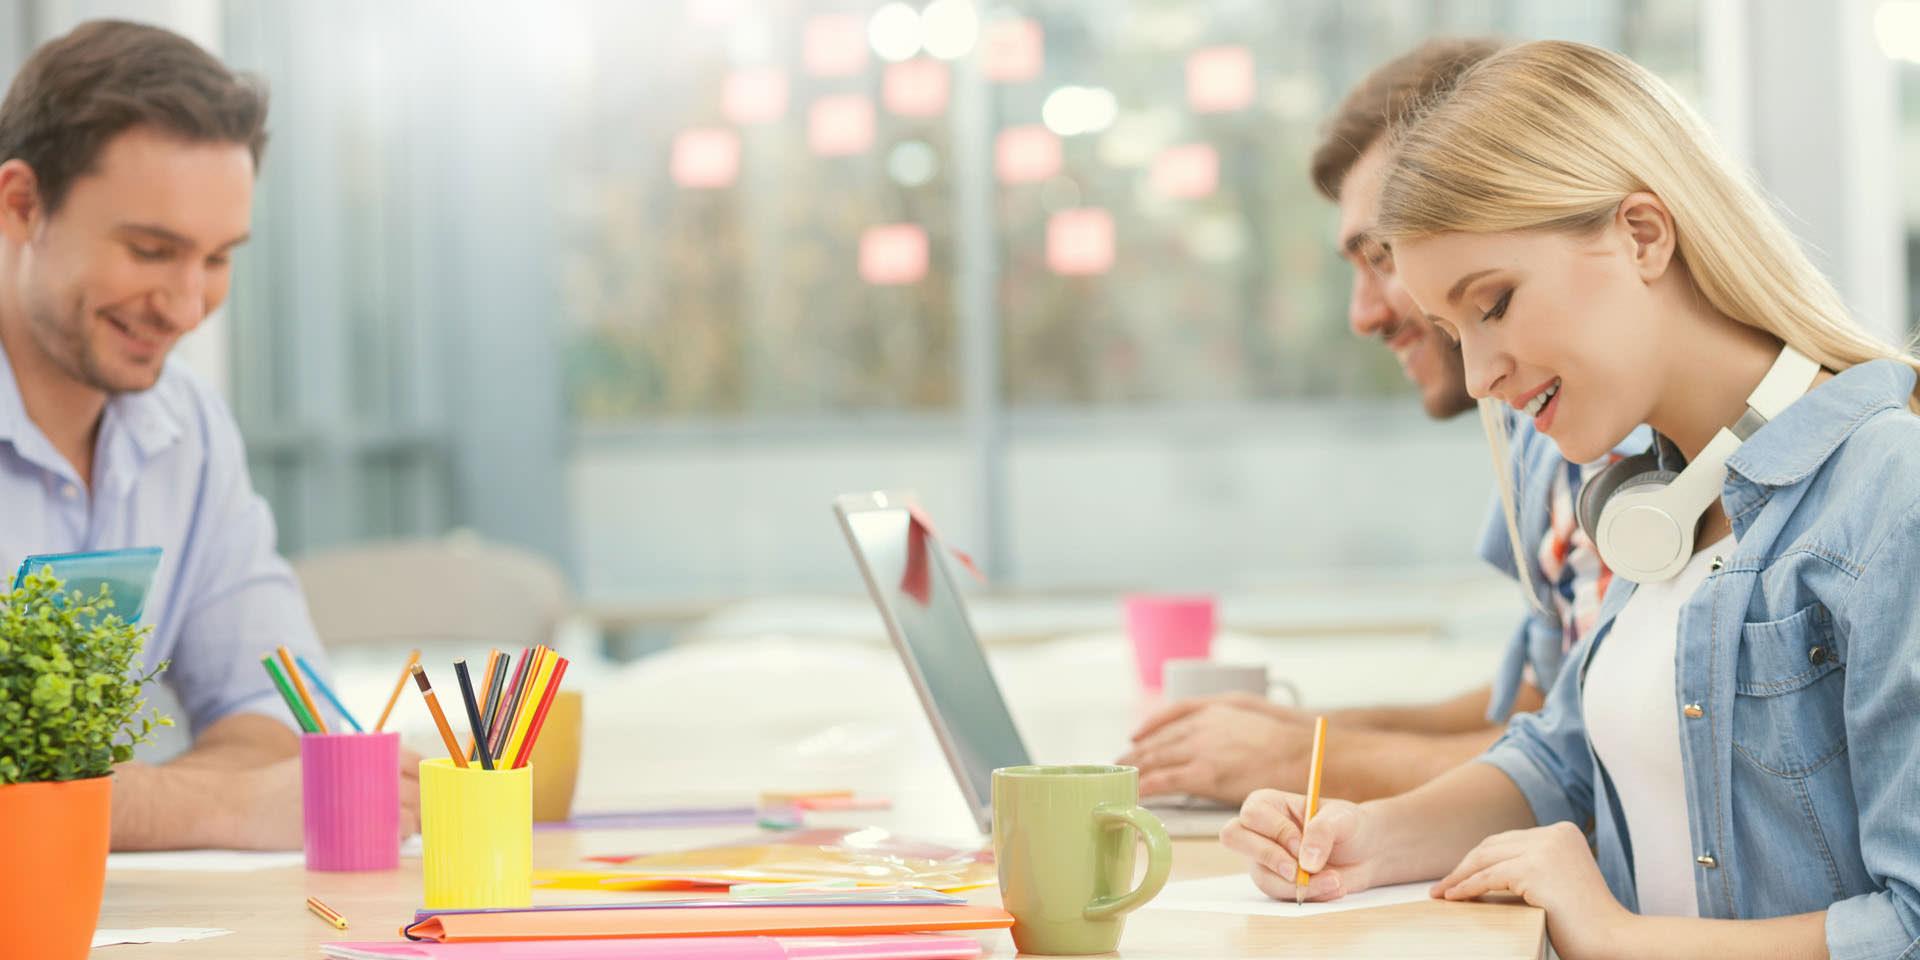 Kreatives Team entwirft Webdesign Entwürfe in einem Büro mit buntem Interieur.